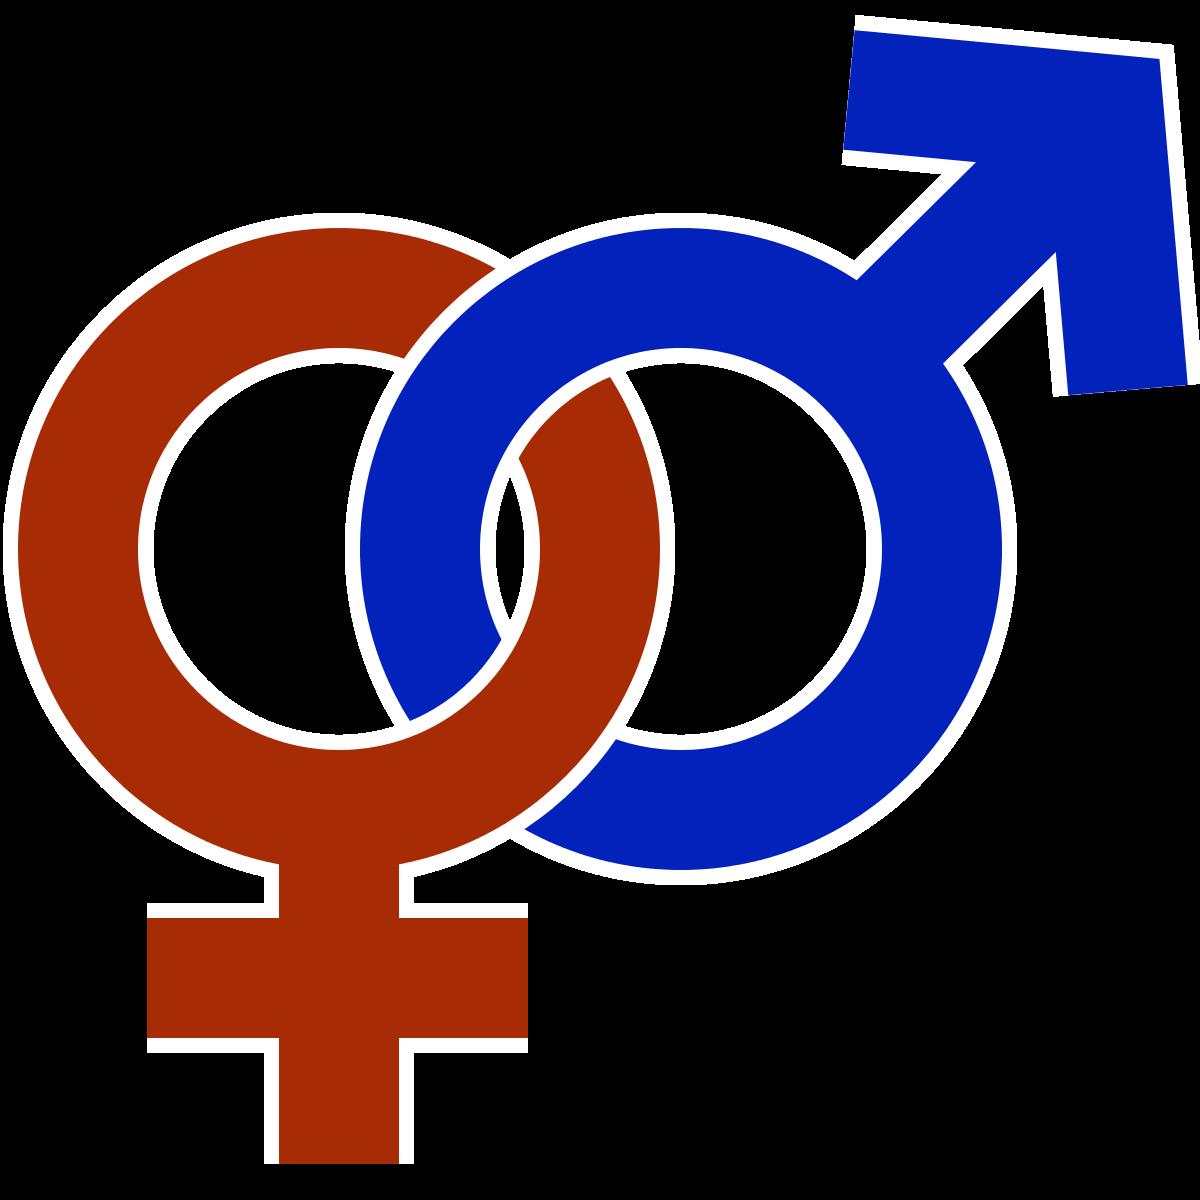 Gender Across Cultures